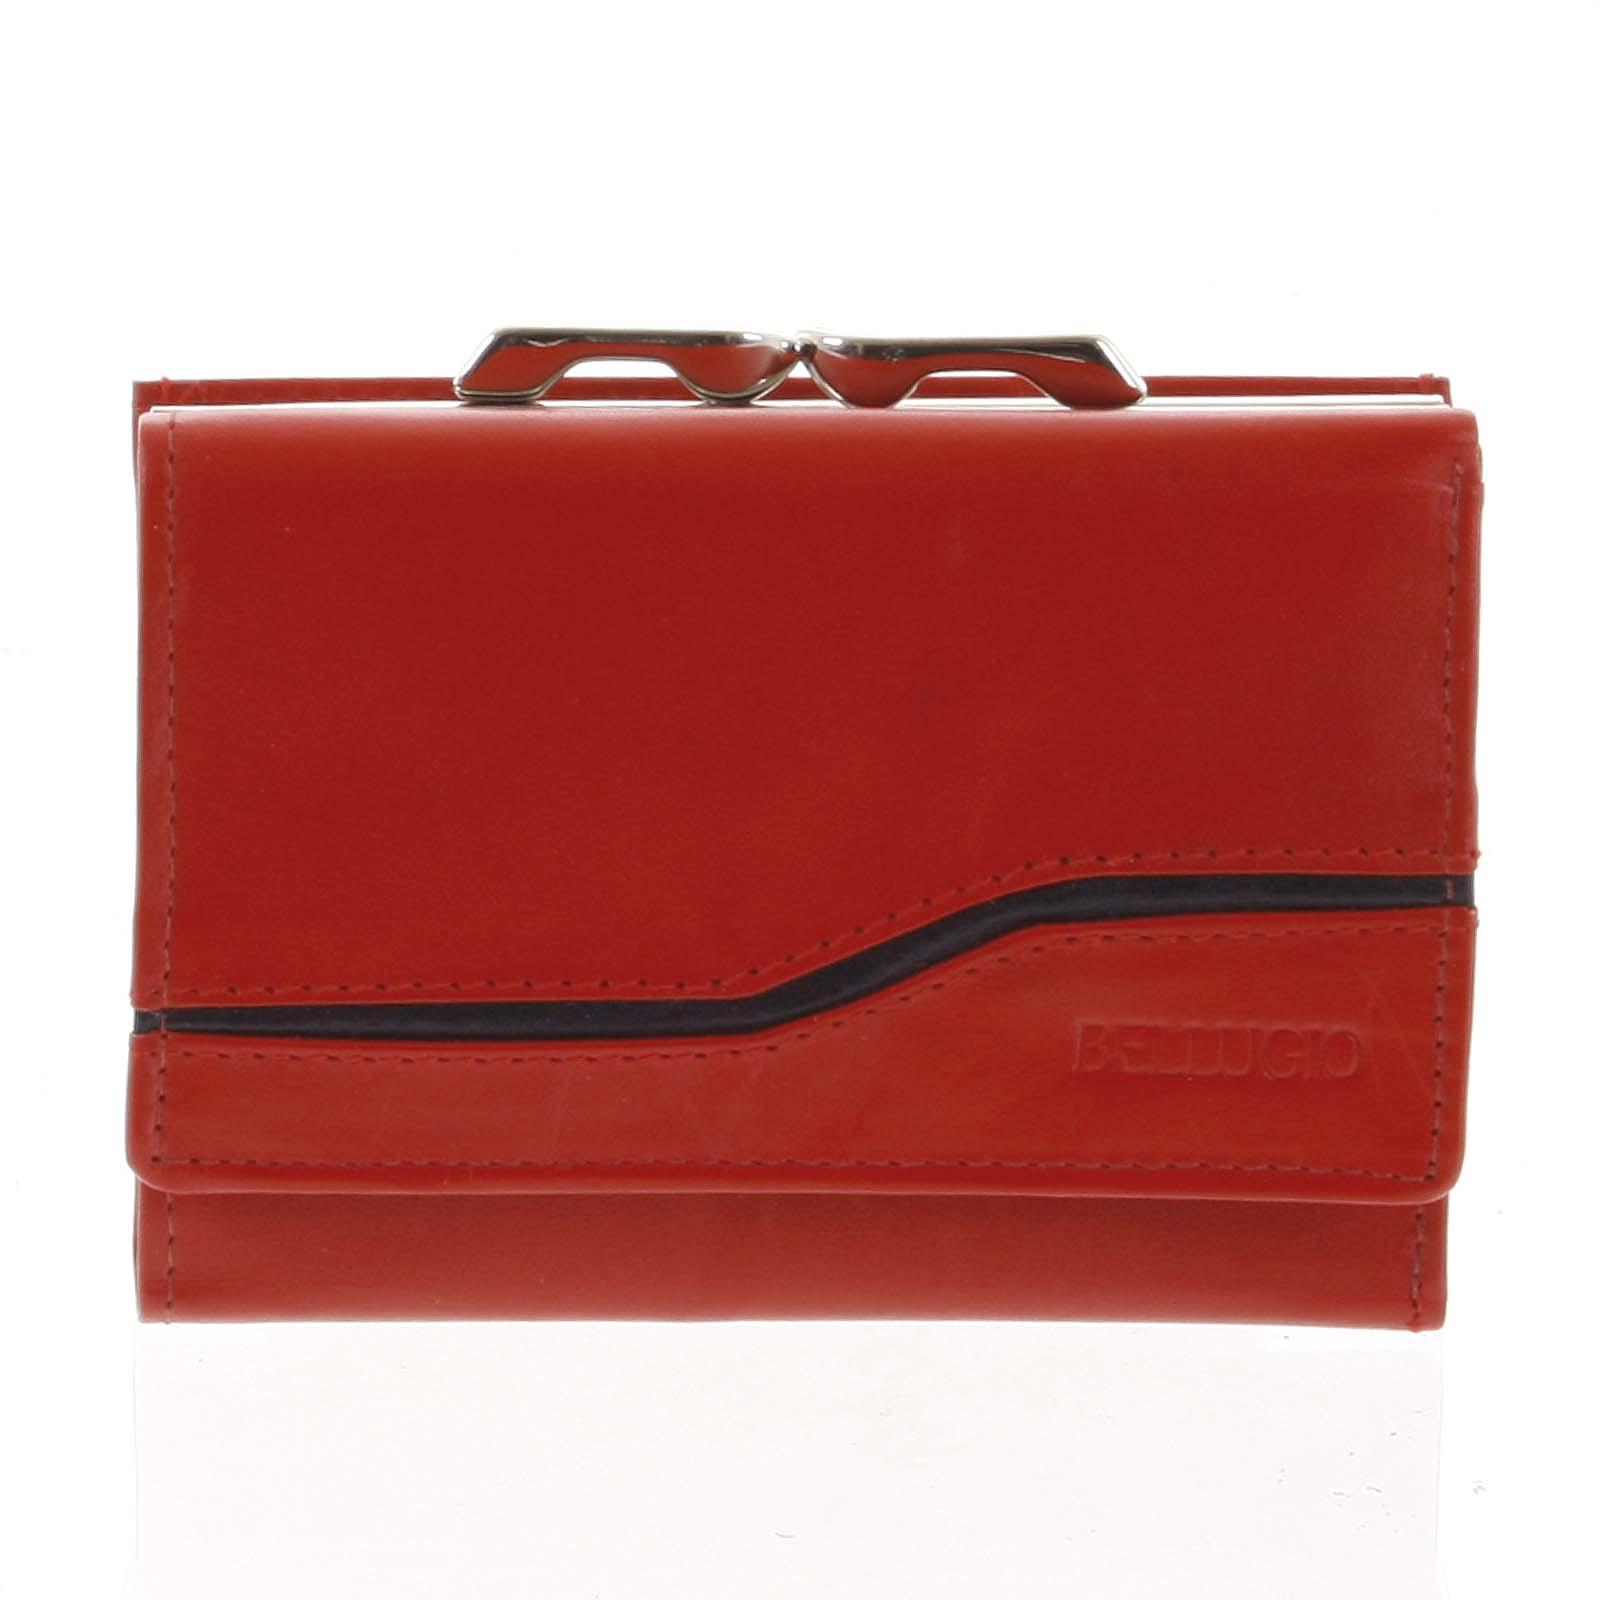 Dámska kožená peňaženka červená - Bellugio Tarea červená